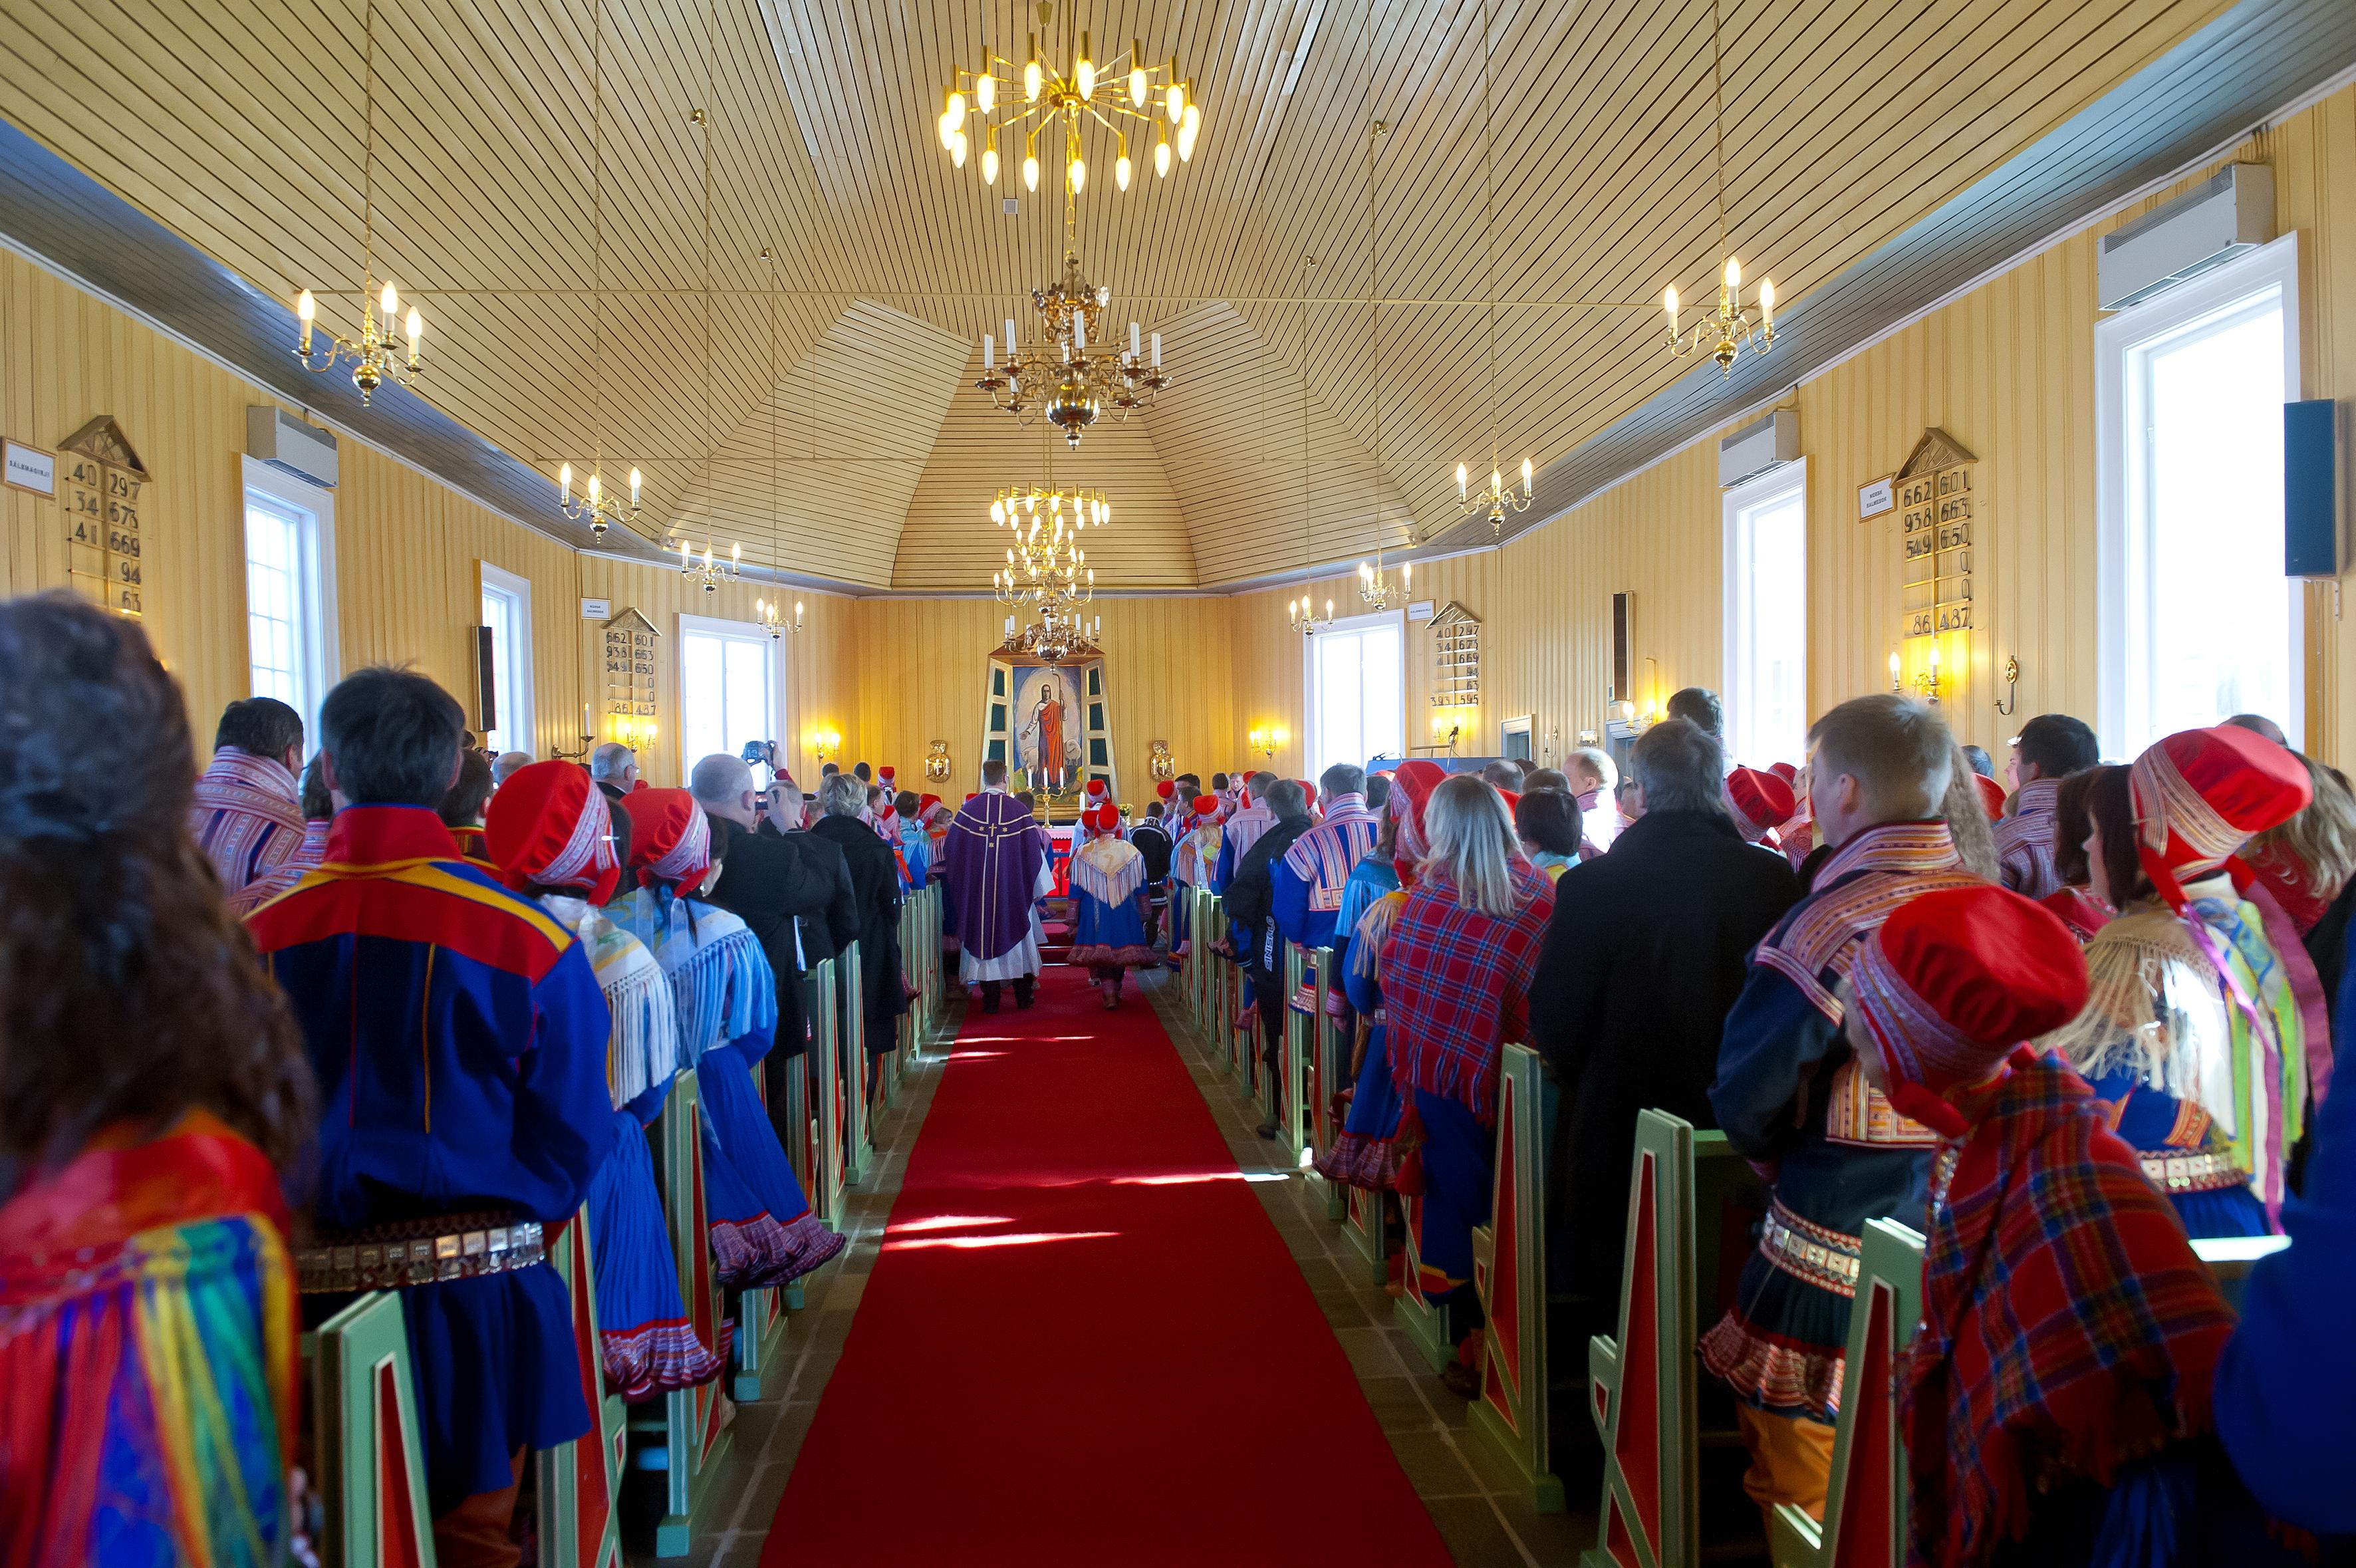 Hele kirken er fyldt, et utroligt smukt skue med så mange samiske dragter.  Der er kun plads til konfirmanderne og deres pårørende, så vi må nøjes med at følge med fra våbenhuset. Gudstjenesten tager meget lang tid, den foregår både på norsk og samisk.